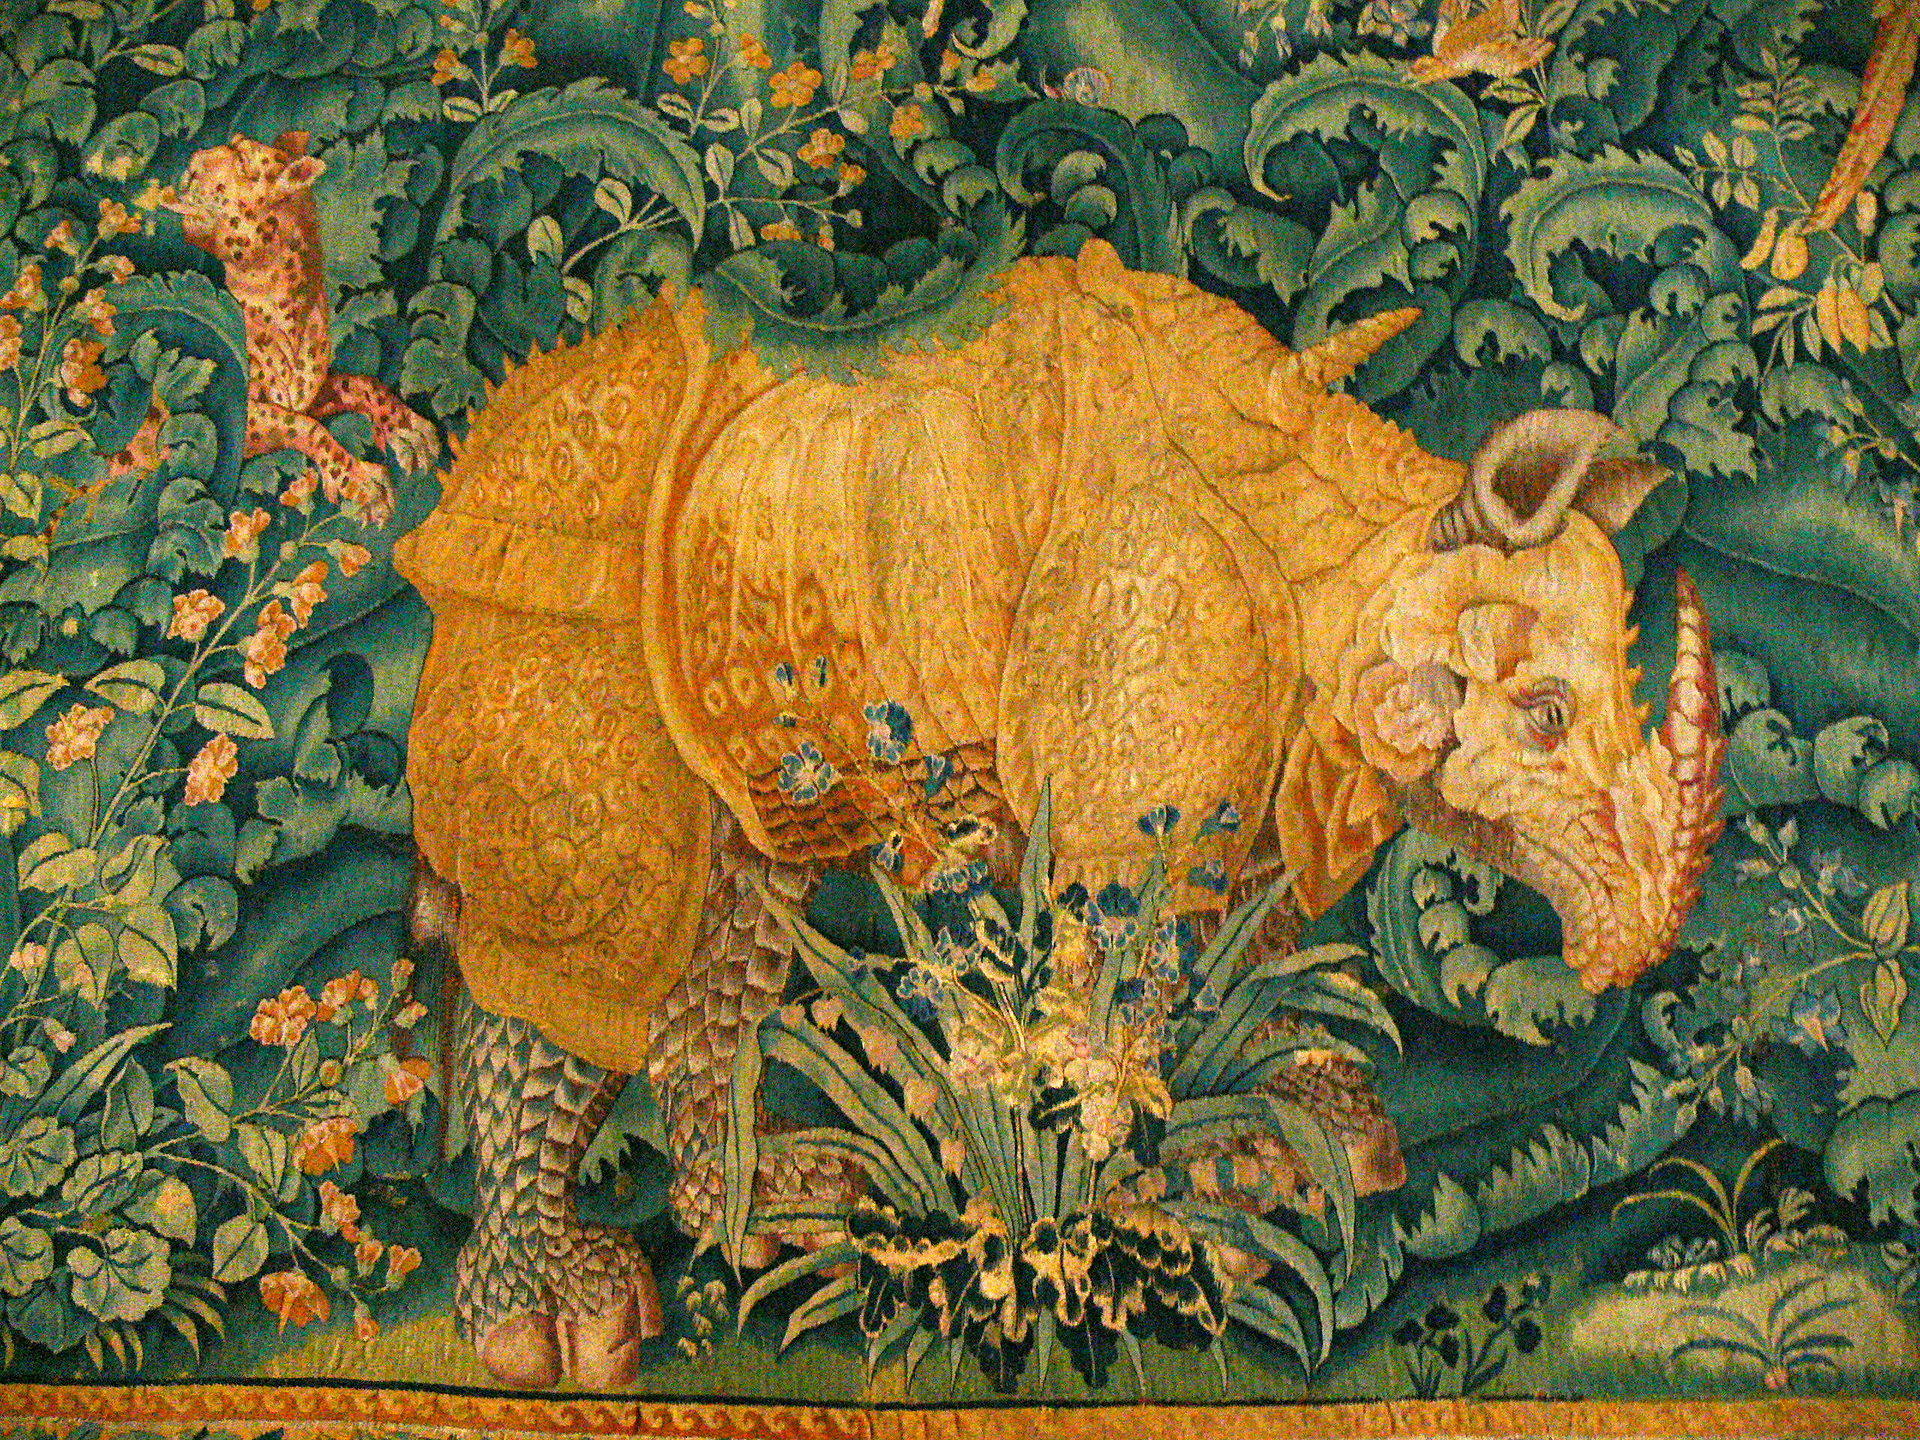 Носорог. Фландрия. 1550. Замок Кронборг